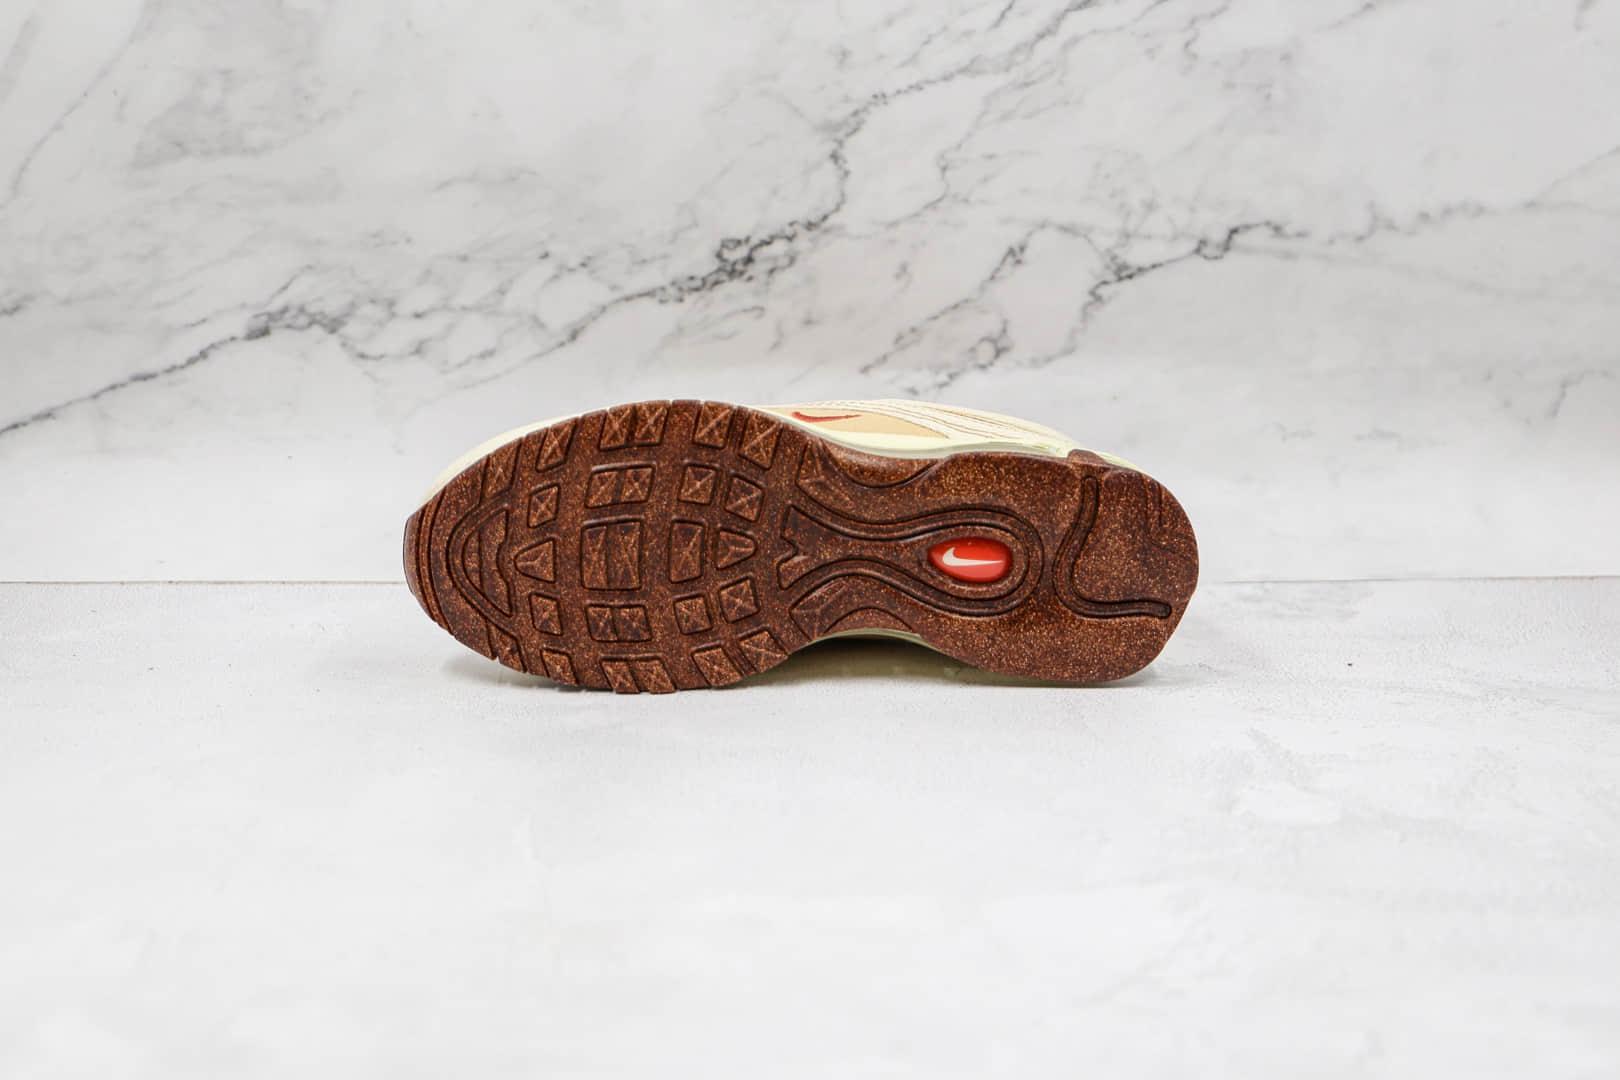 耐克Nike Air Max 97纯原版本子弹头Max97软木米黄色气垫鞋原档案数据开发 货号:DC3986-100